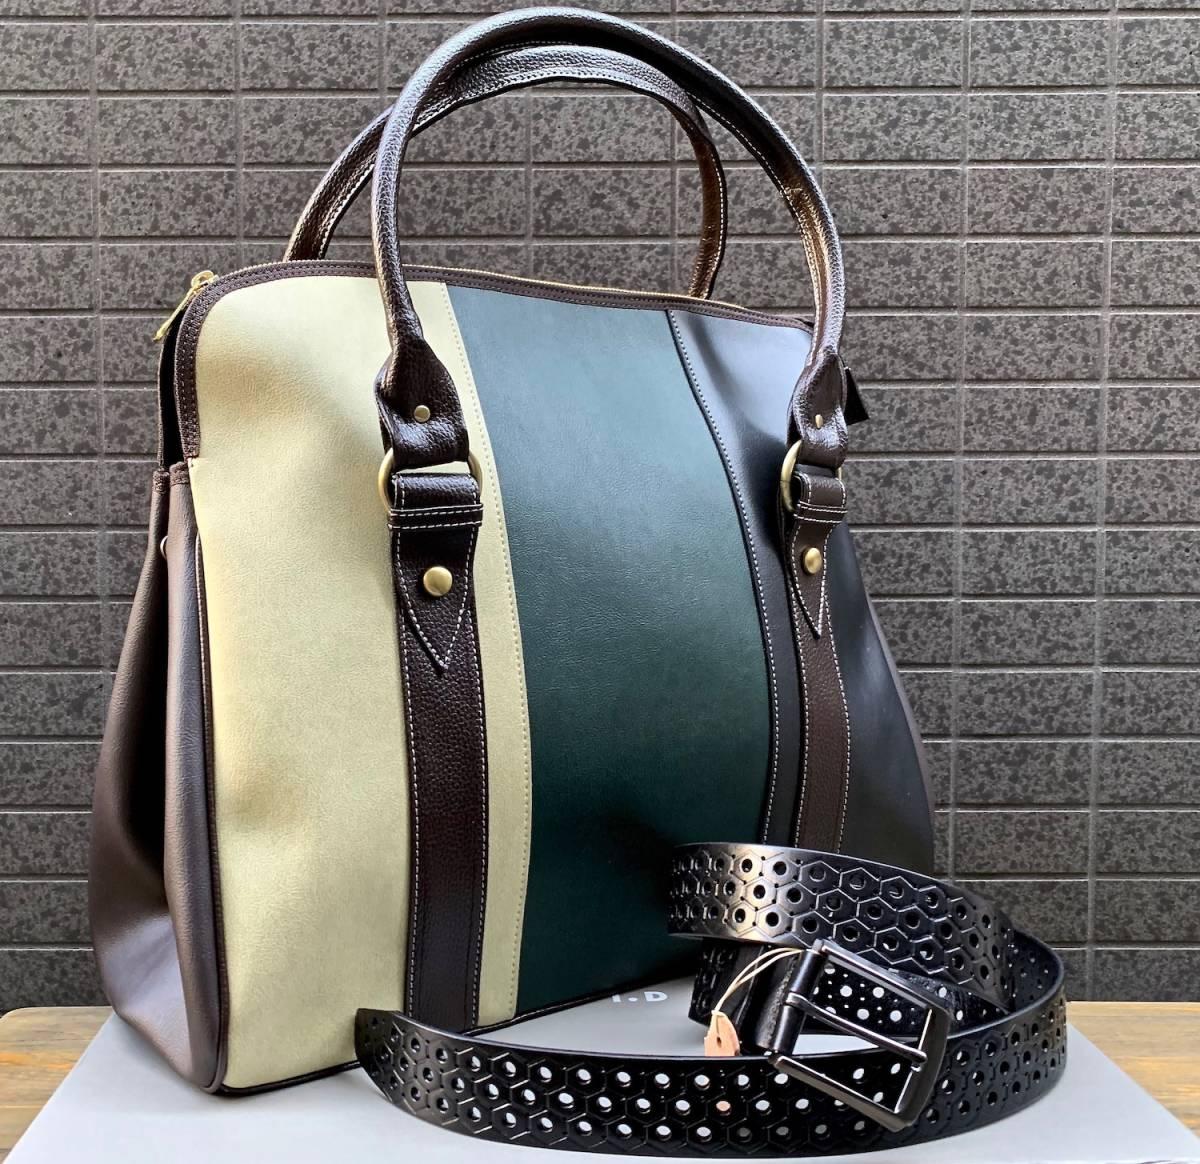 ◆モデル出品◆新品 デザイナーズ大型ラインボストンバッグ4J ベージュ×緑×黒 鞄+選べる上質レザー肉厚ベルト付(8800円) 高級本革